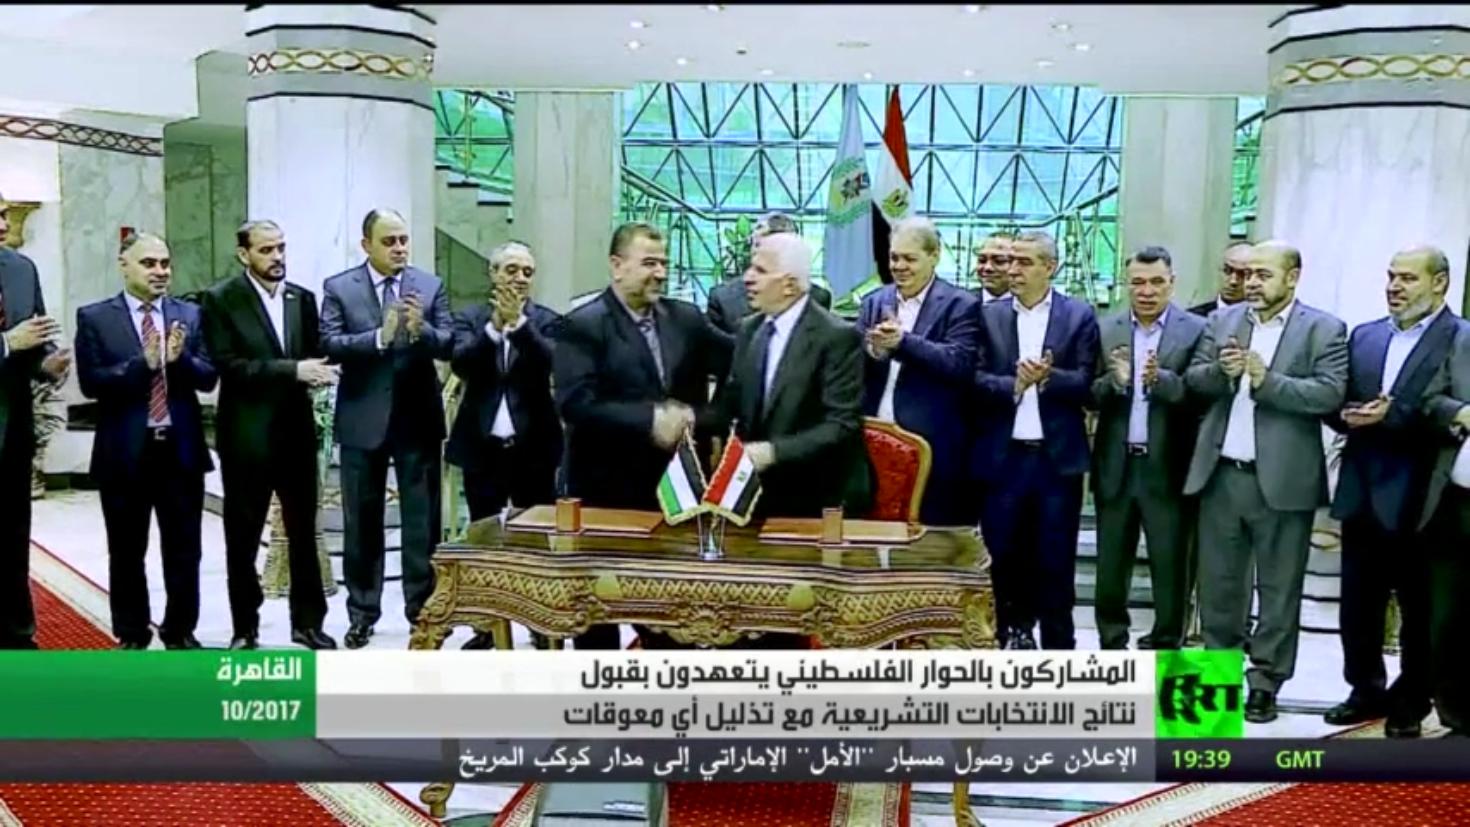 اختتام جلسات الحوار الفلسطيني بالقاهرة